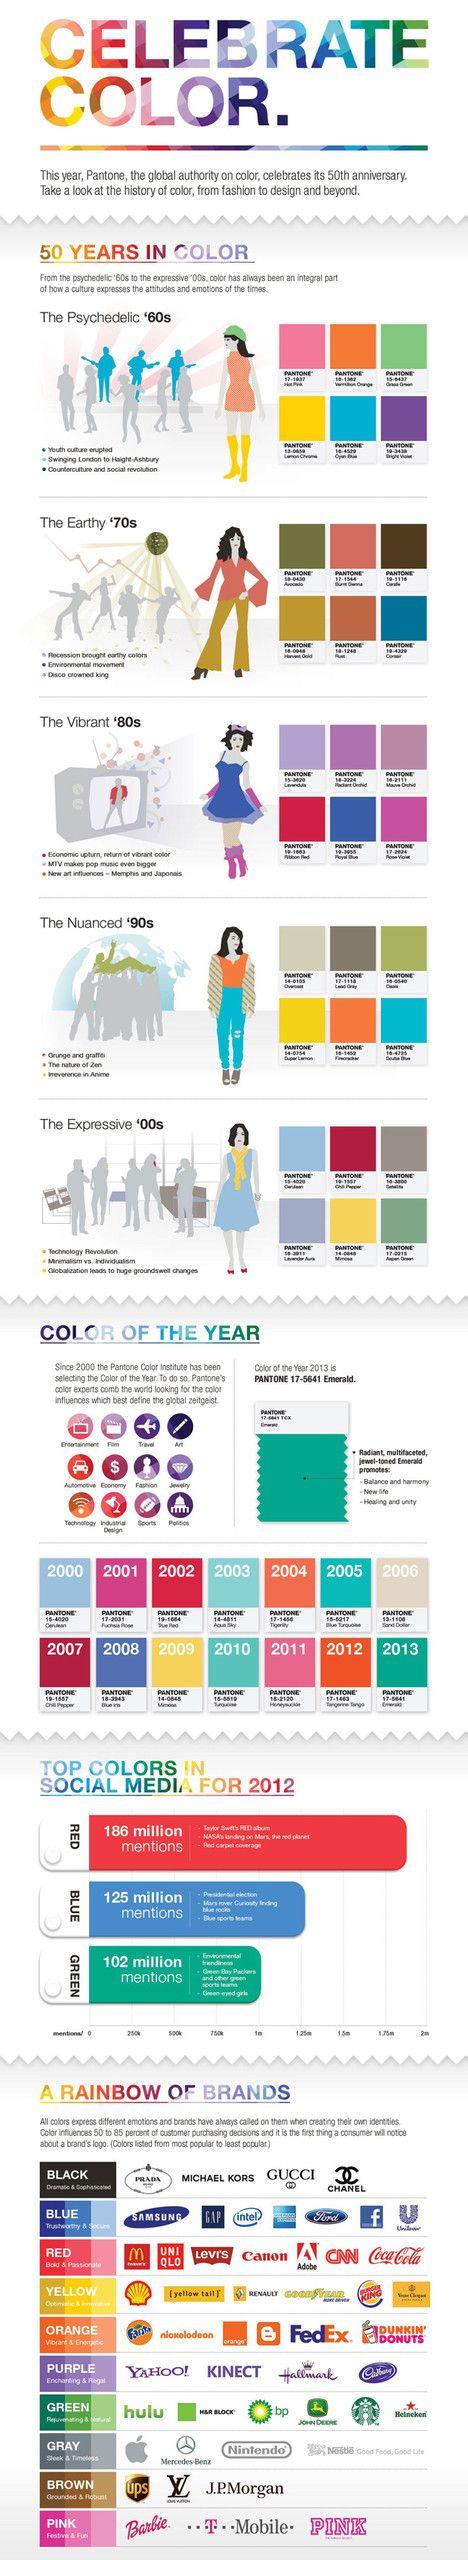 Pantone celebra 50 anos com infográfico completo sobre as diferentes décadas e suas cores http://followthecolours.com.br/just-coolt/pantone-celebra-50-anos-com-infografico-completo-sobre-as-diferentes-decadas-e-suas-cores/